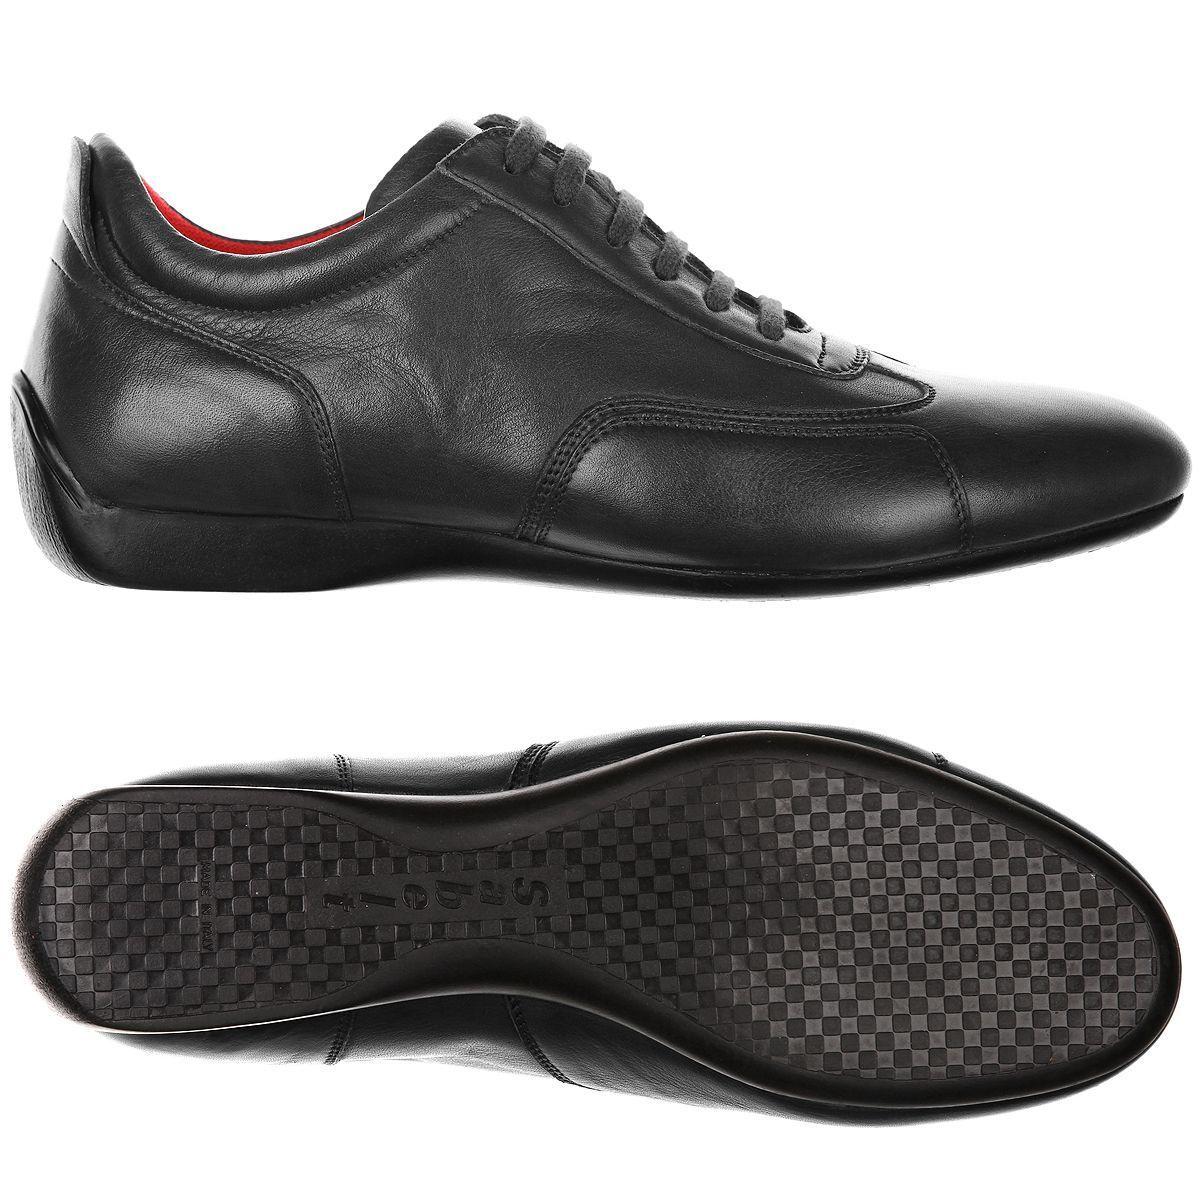 shoes Sabelt Unisex Art. E000030 Mod. 103u-granturismo-tumble Fg LH